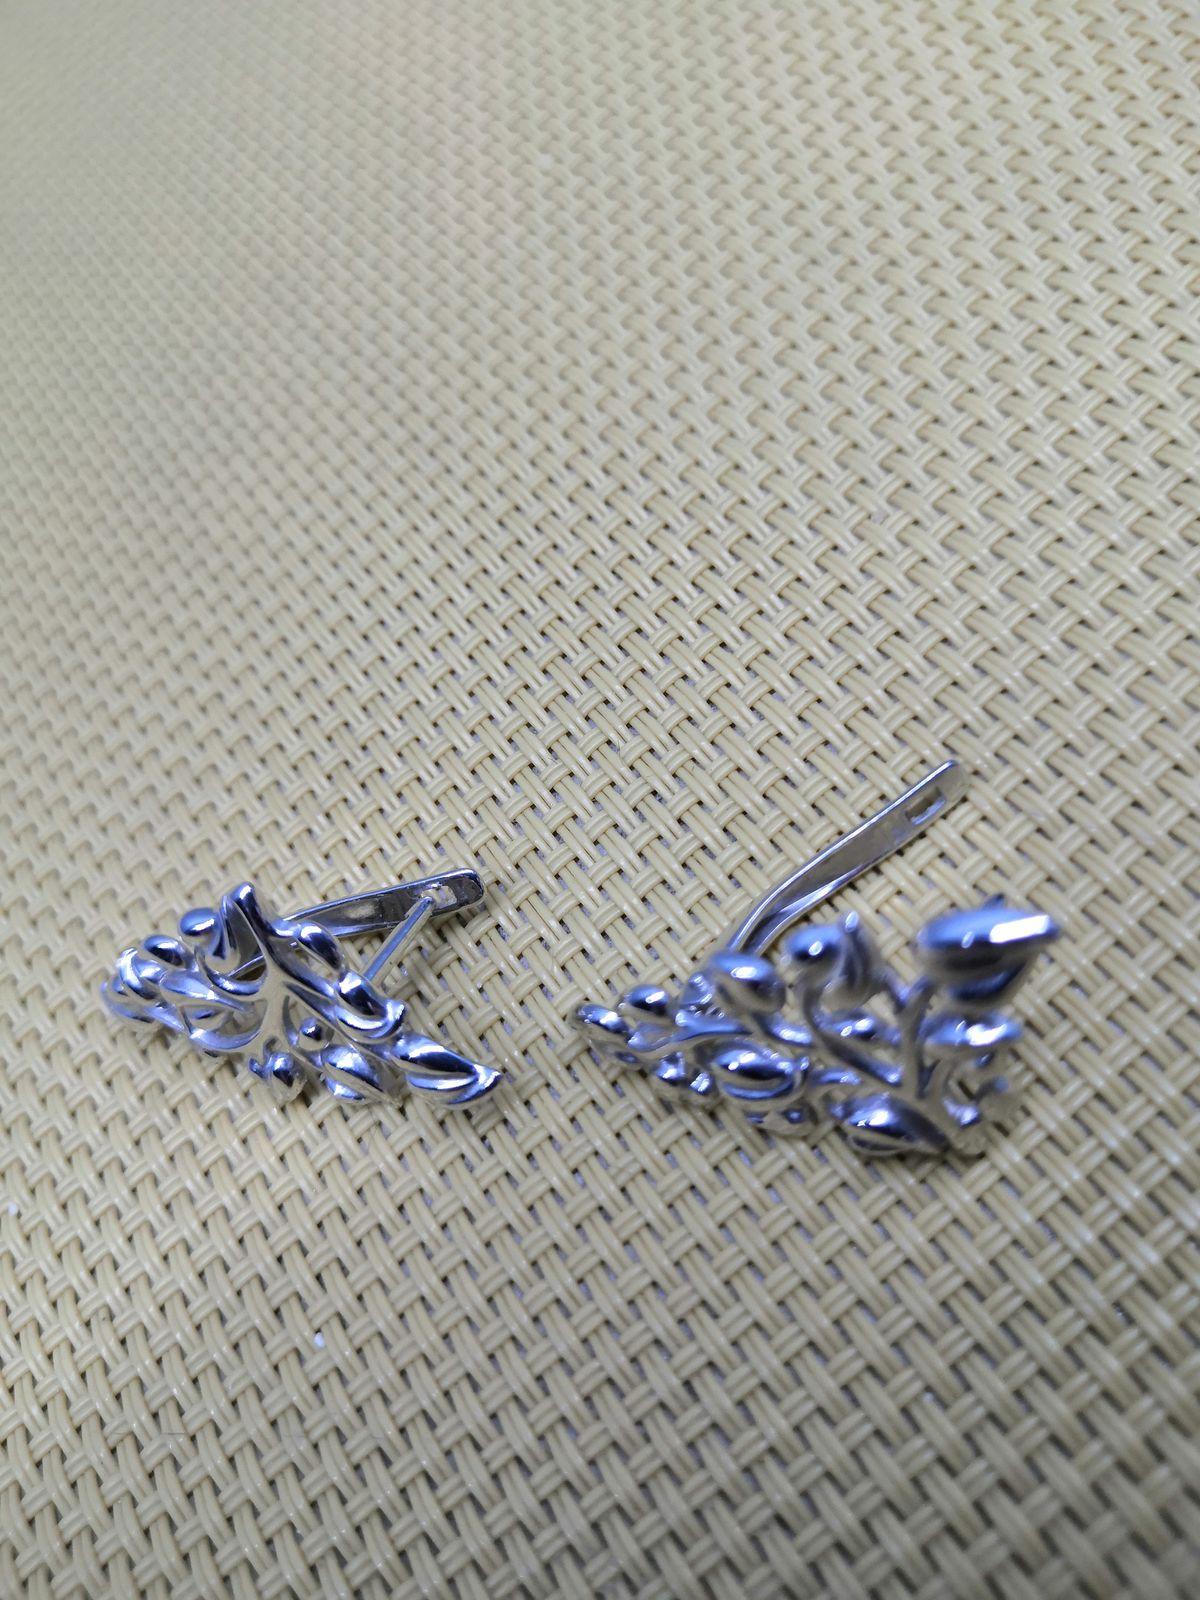 Придя, в магазин, выбор пал на эти серьги, реально смотрятся и цена хороша!